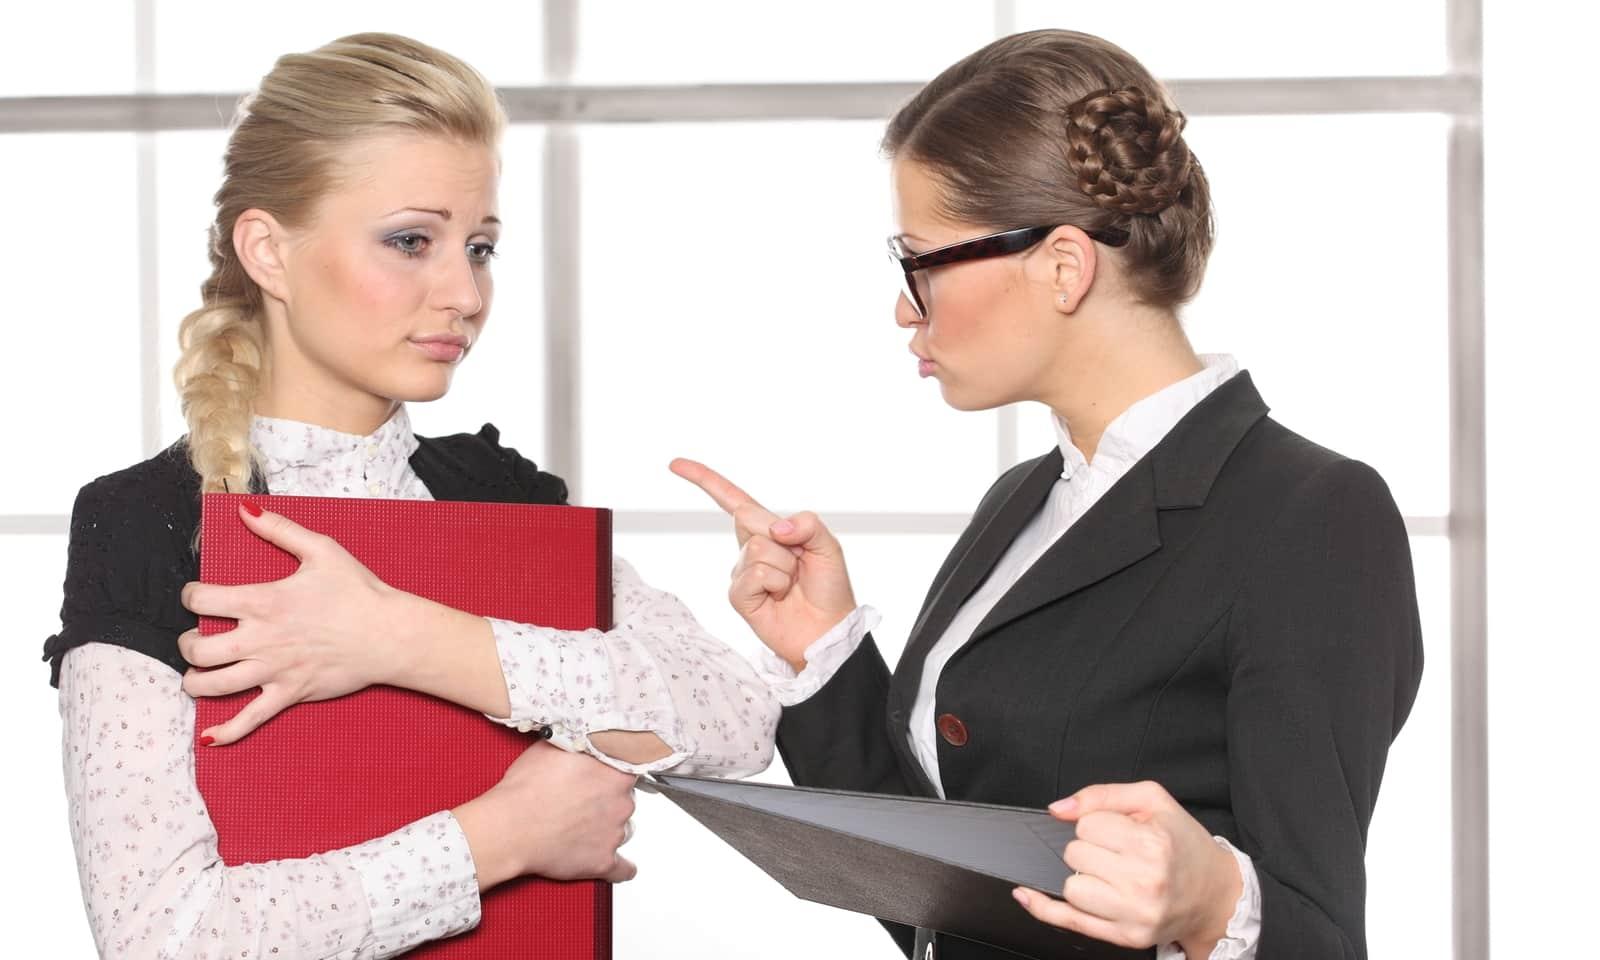 Как отказать в просьбе и не поддаться на уговоры: советы психологов